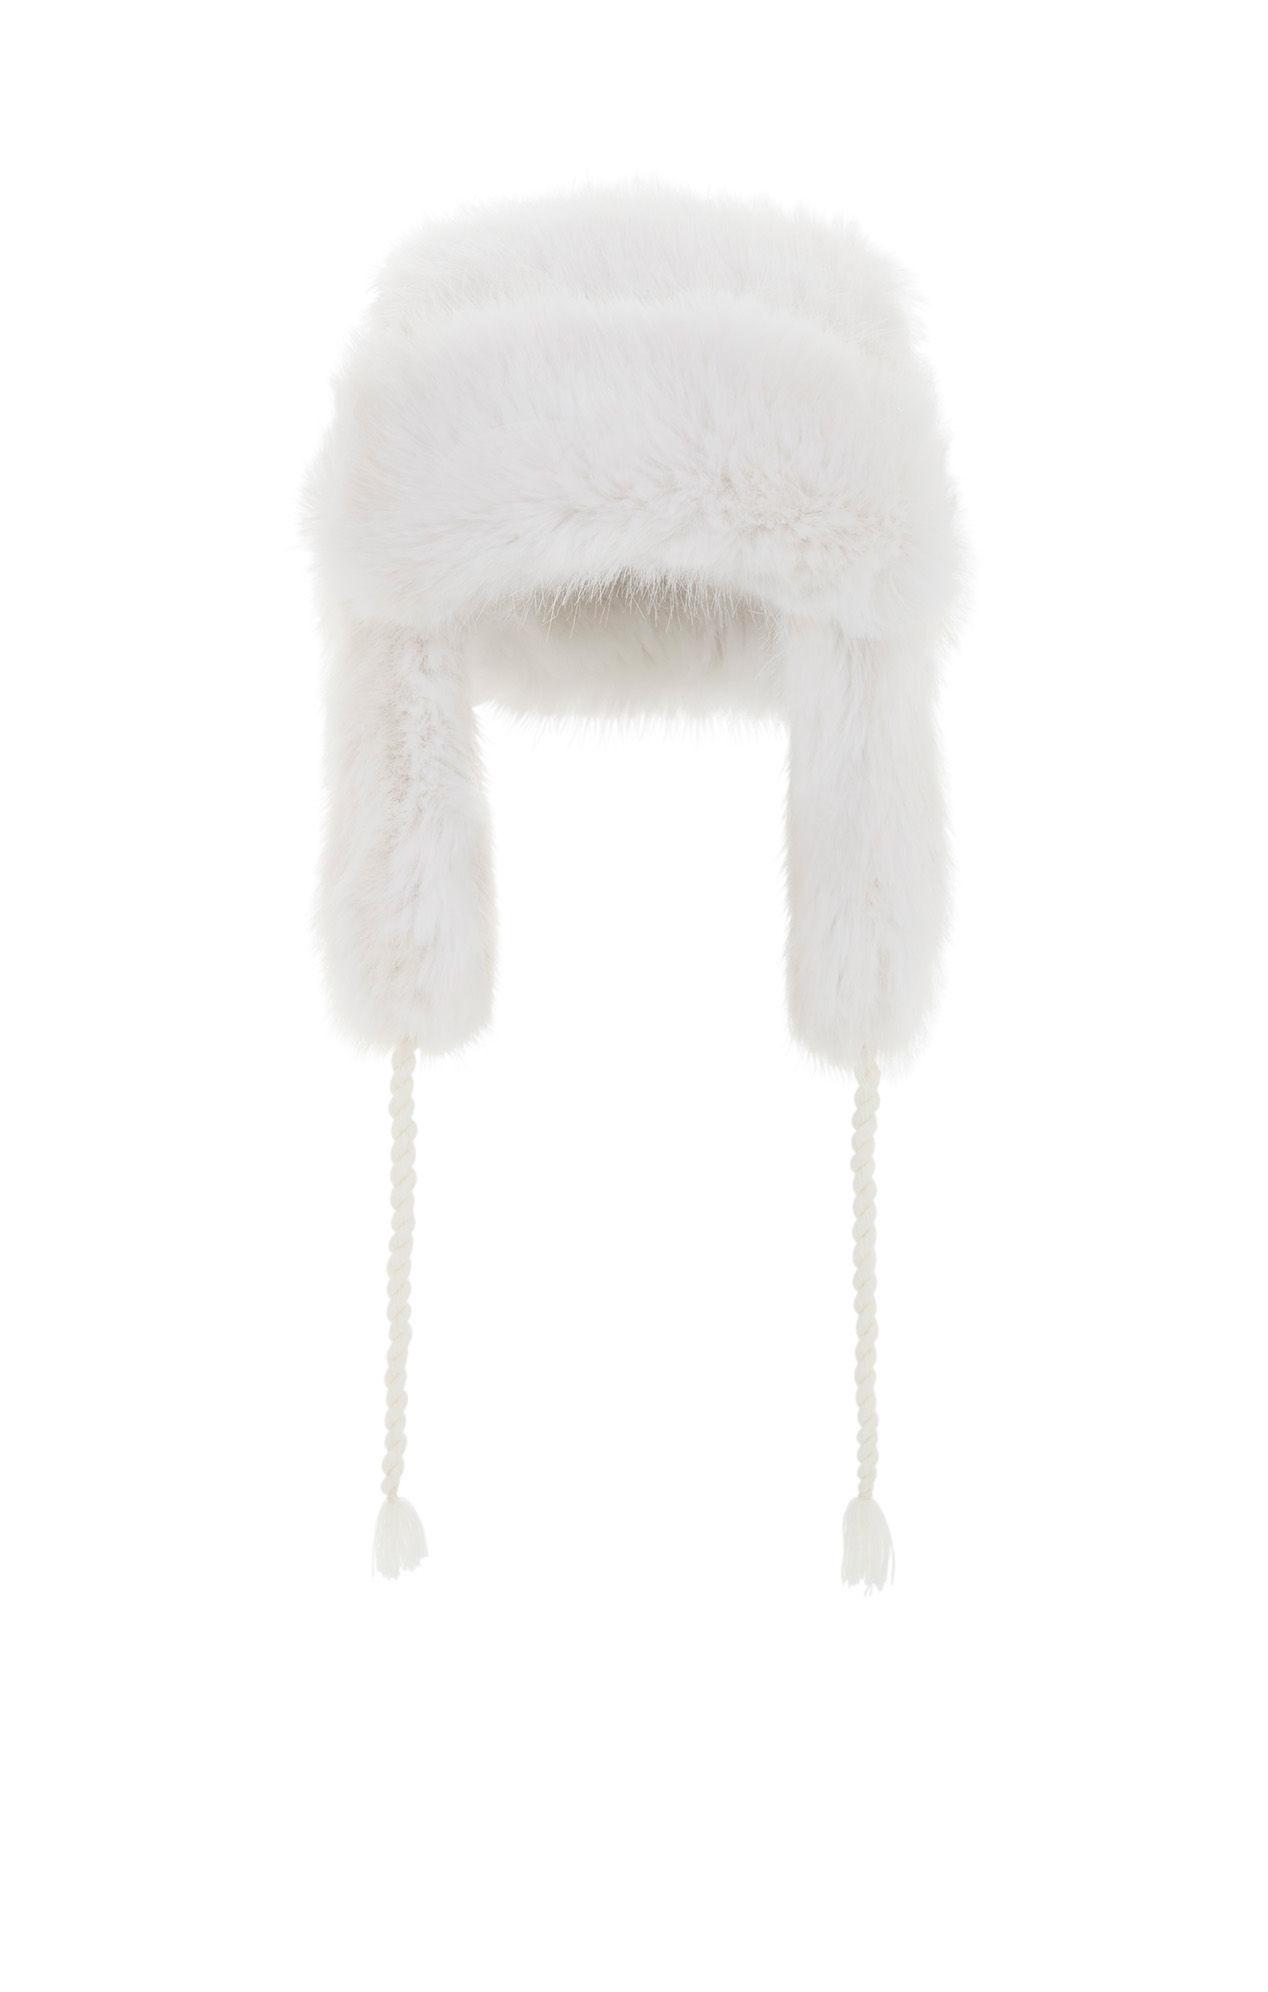 Lyst - BCBGMAXAZRIA Faux-fur Trapper Hat in White d6cac703cbb